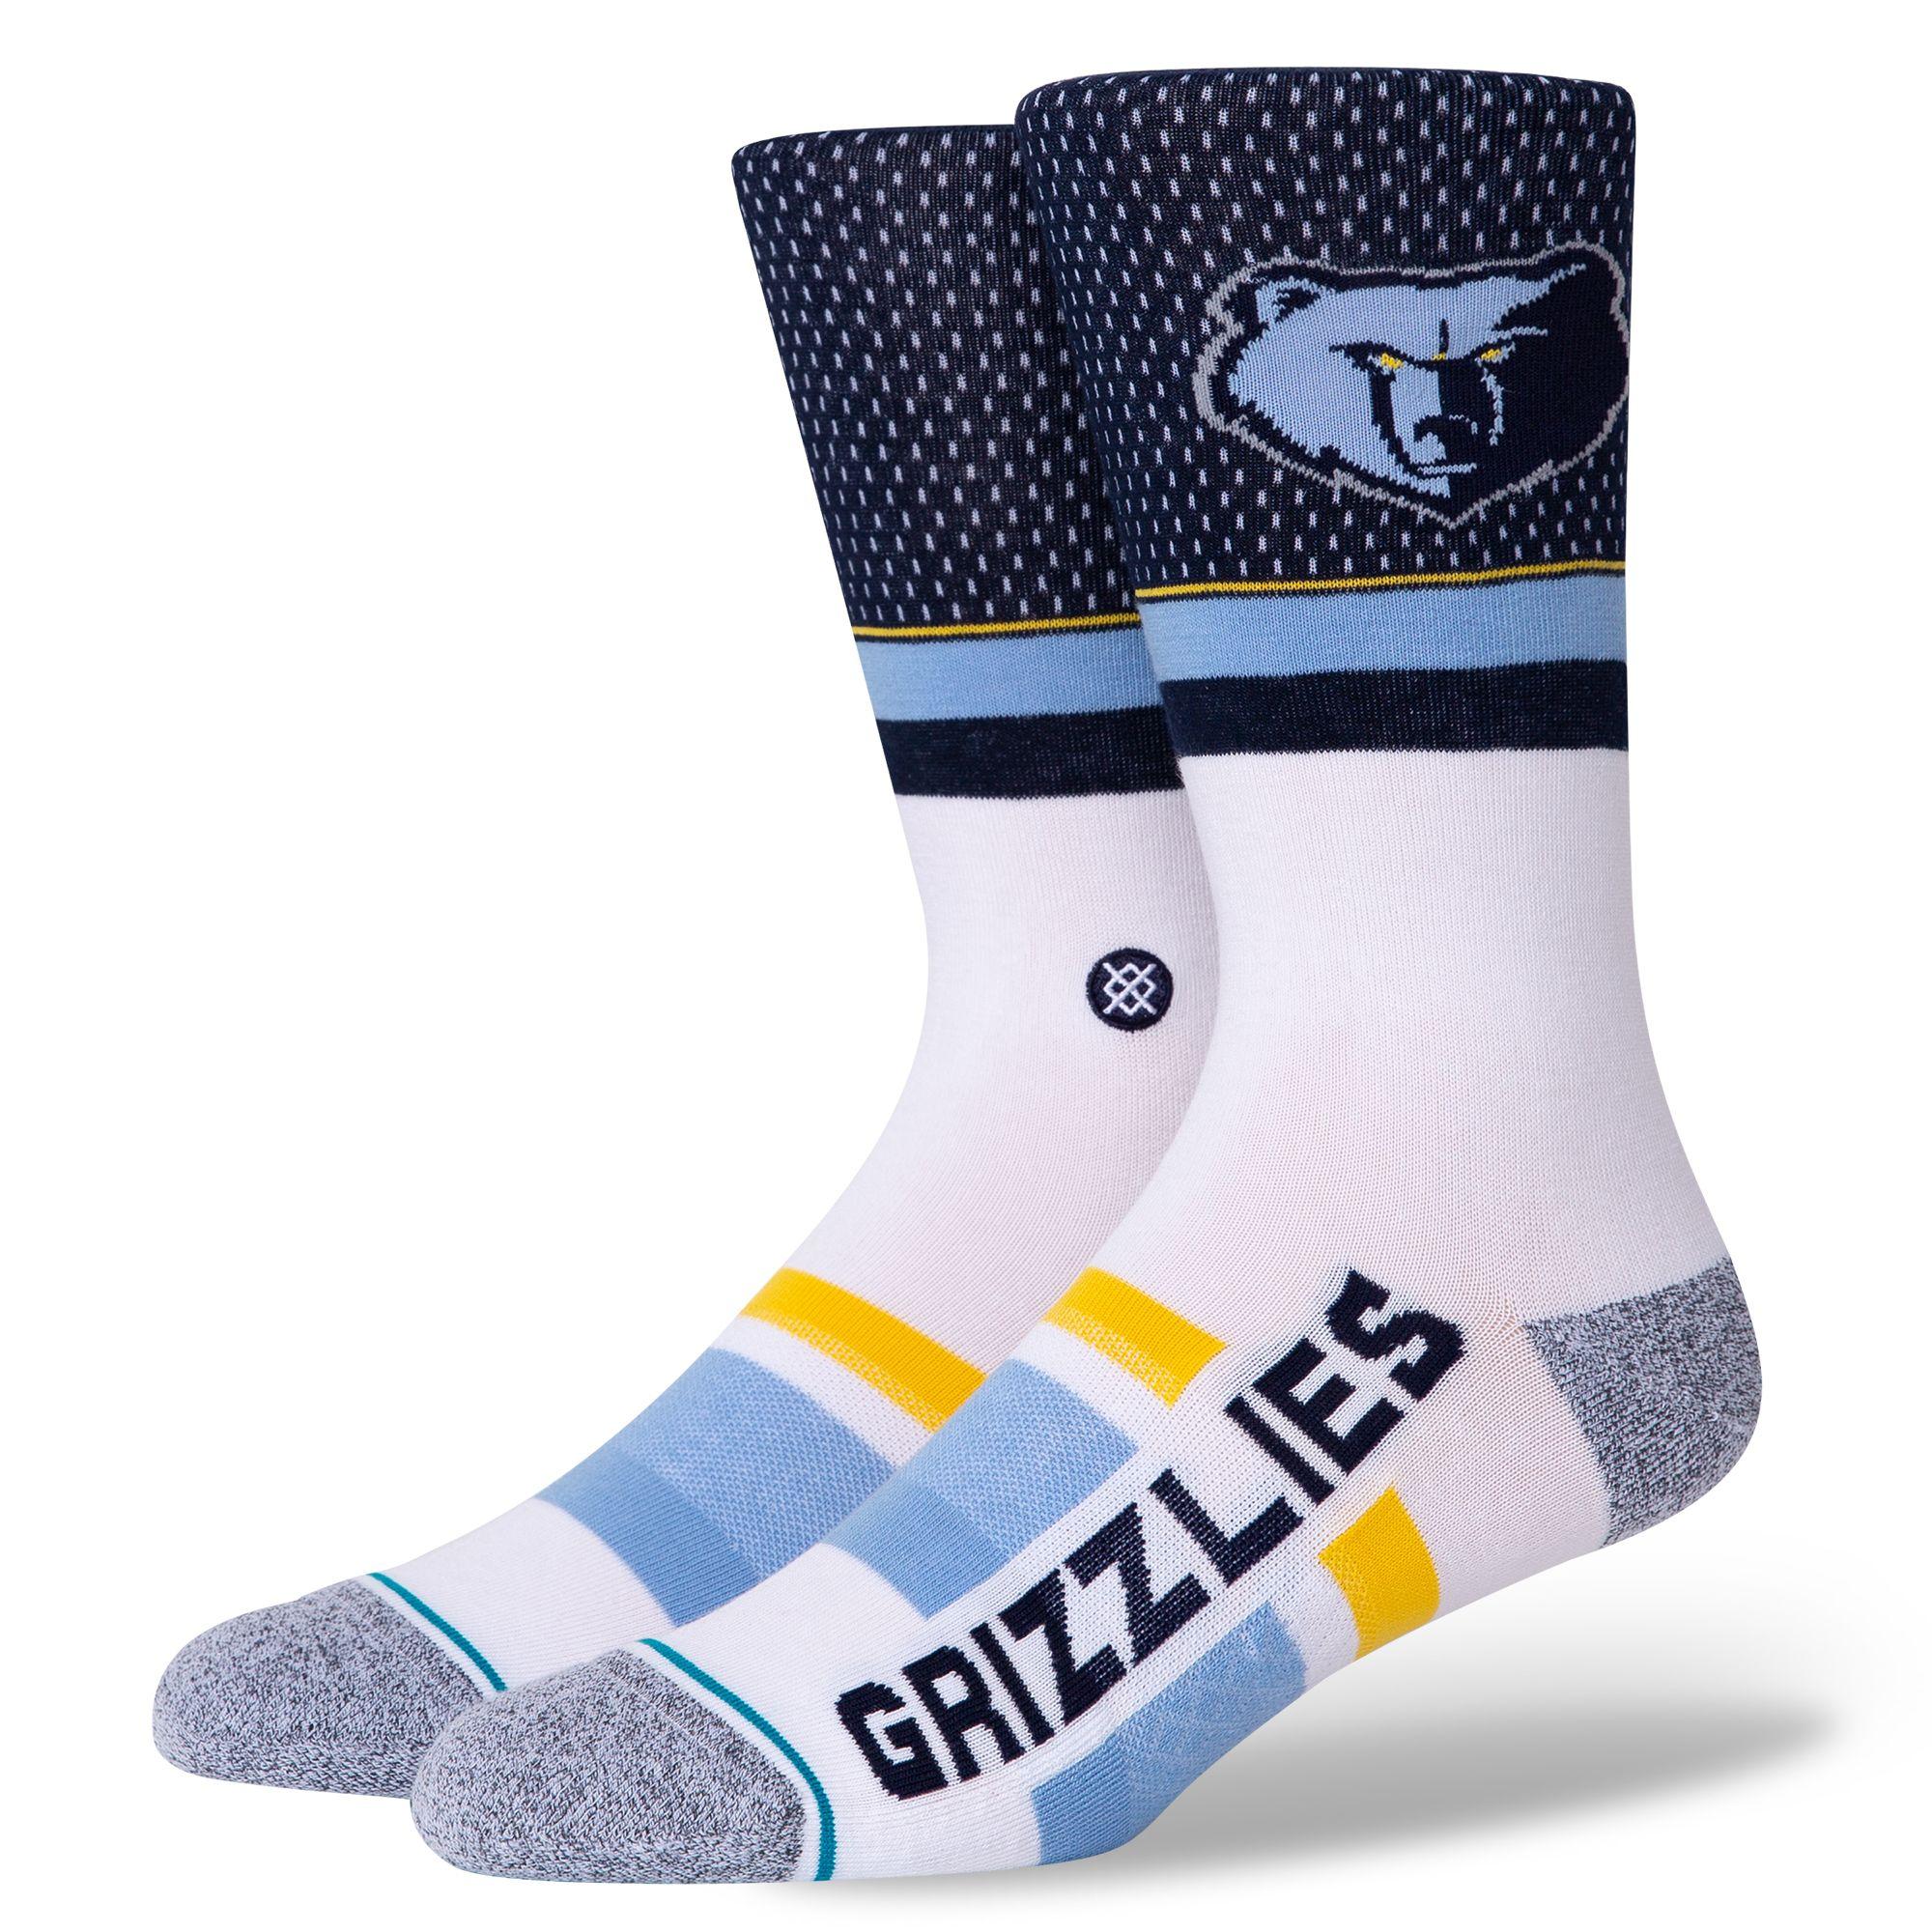 ギフト配送対応 NBA好きなあの人に プレゼントに最適なNBA公式ソック NBA STANCE グリズリーズ SHORTCUT 今だけスーパーセール限定 メンフィス 最新号掲載アイテム Memphis Grizzlies スタンス 靴下 2 メンズソックス